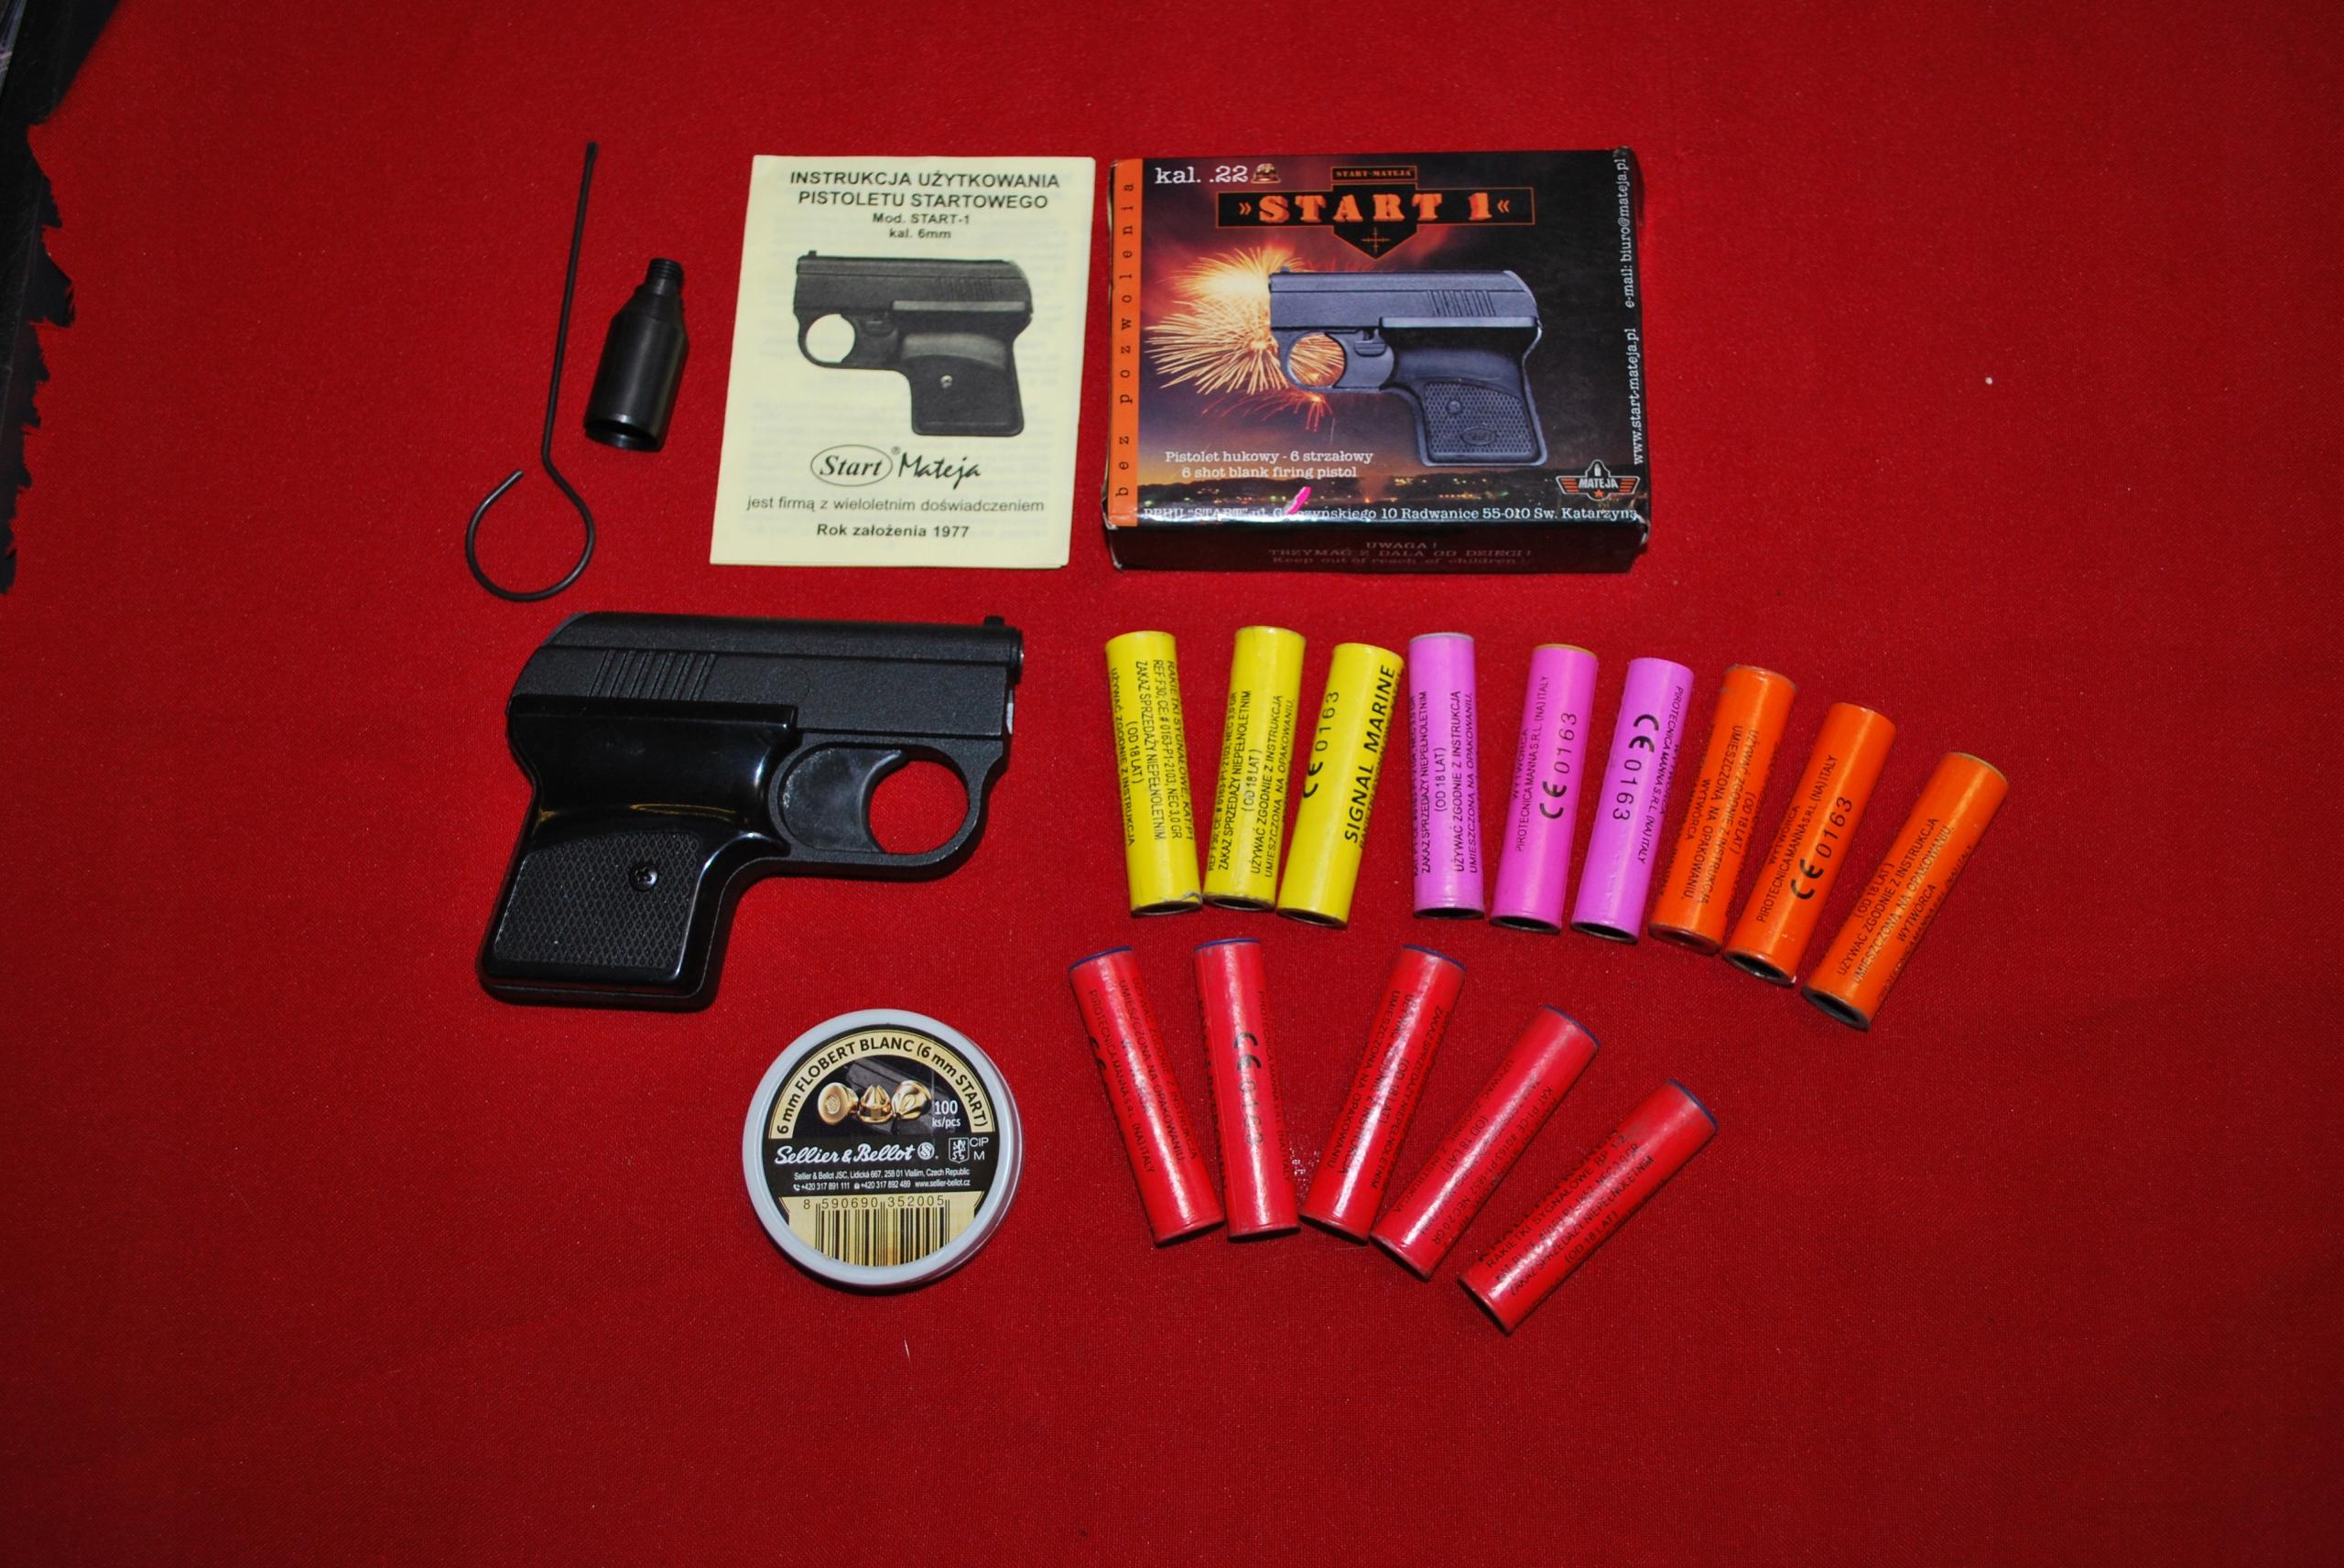 Pistolet START 1 + akcesoria zestaw